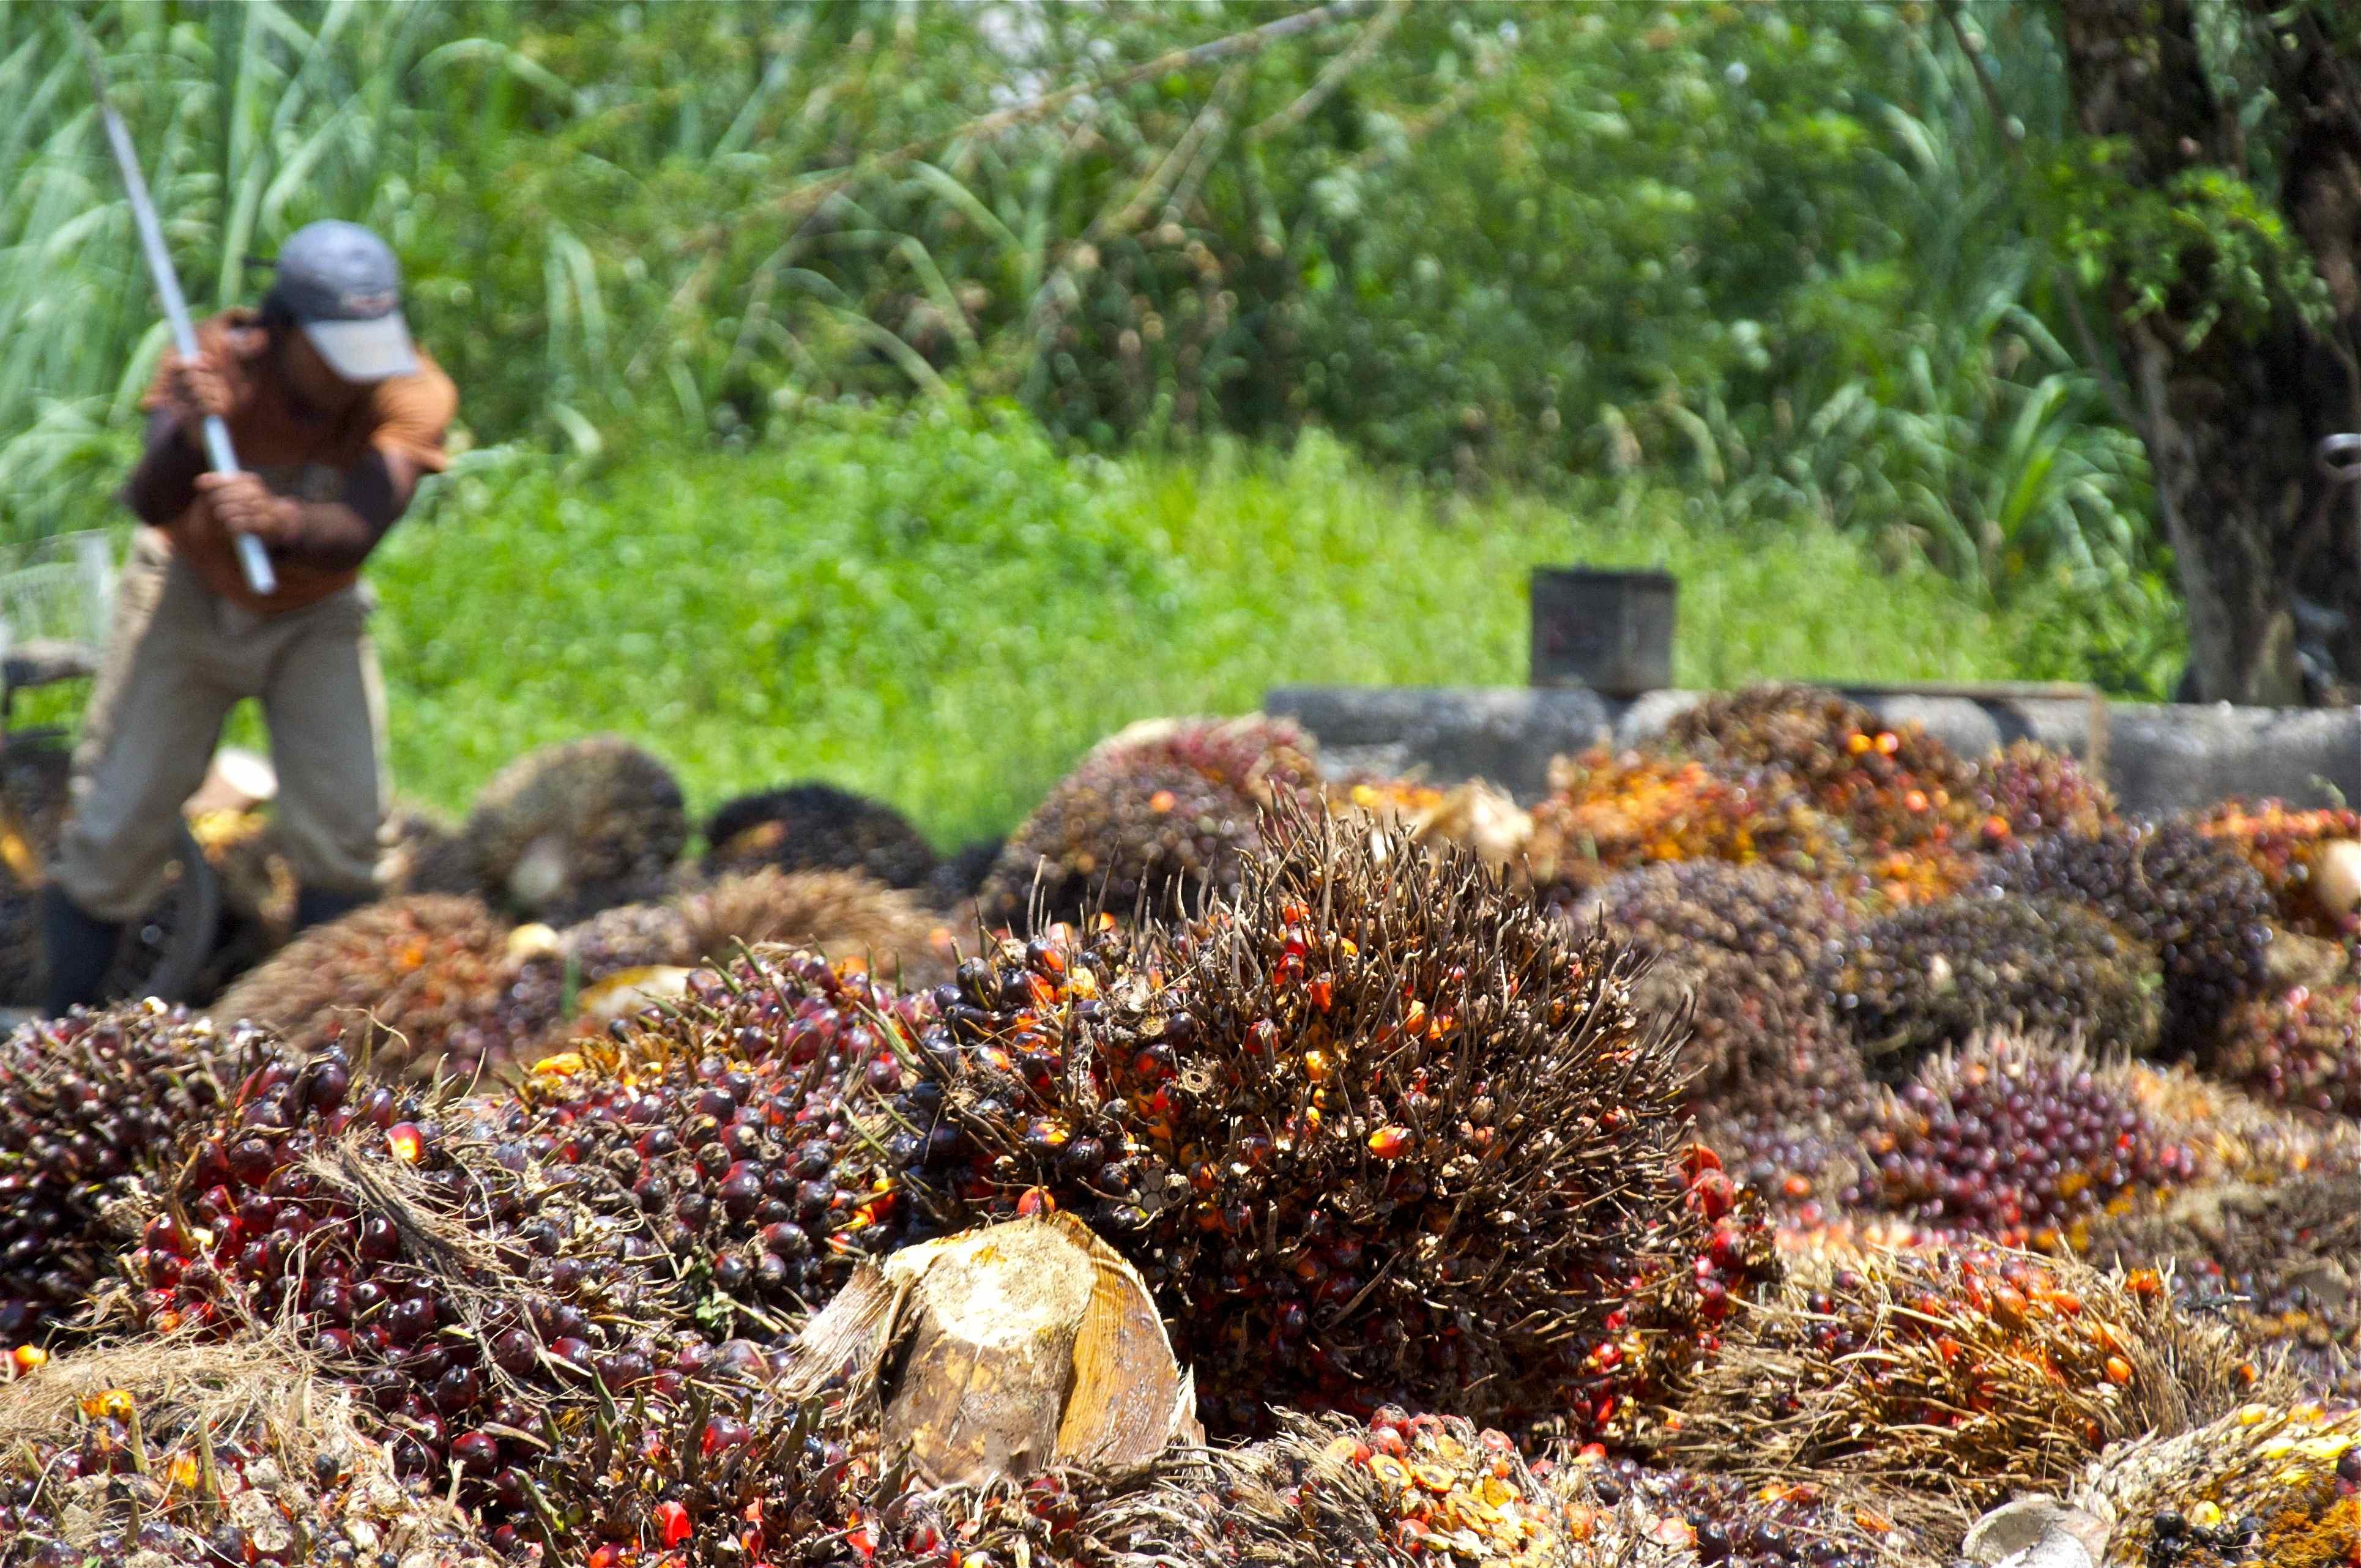 Guatemala: Cargill & Repsa acknowledge need to prevent